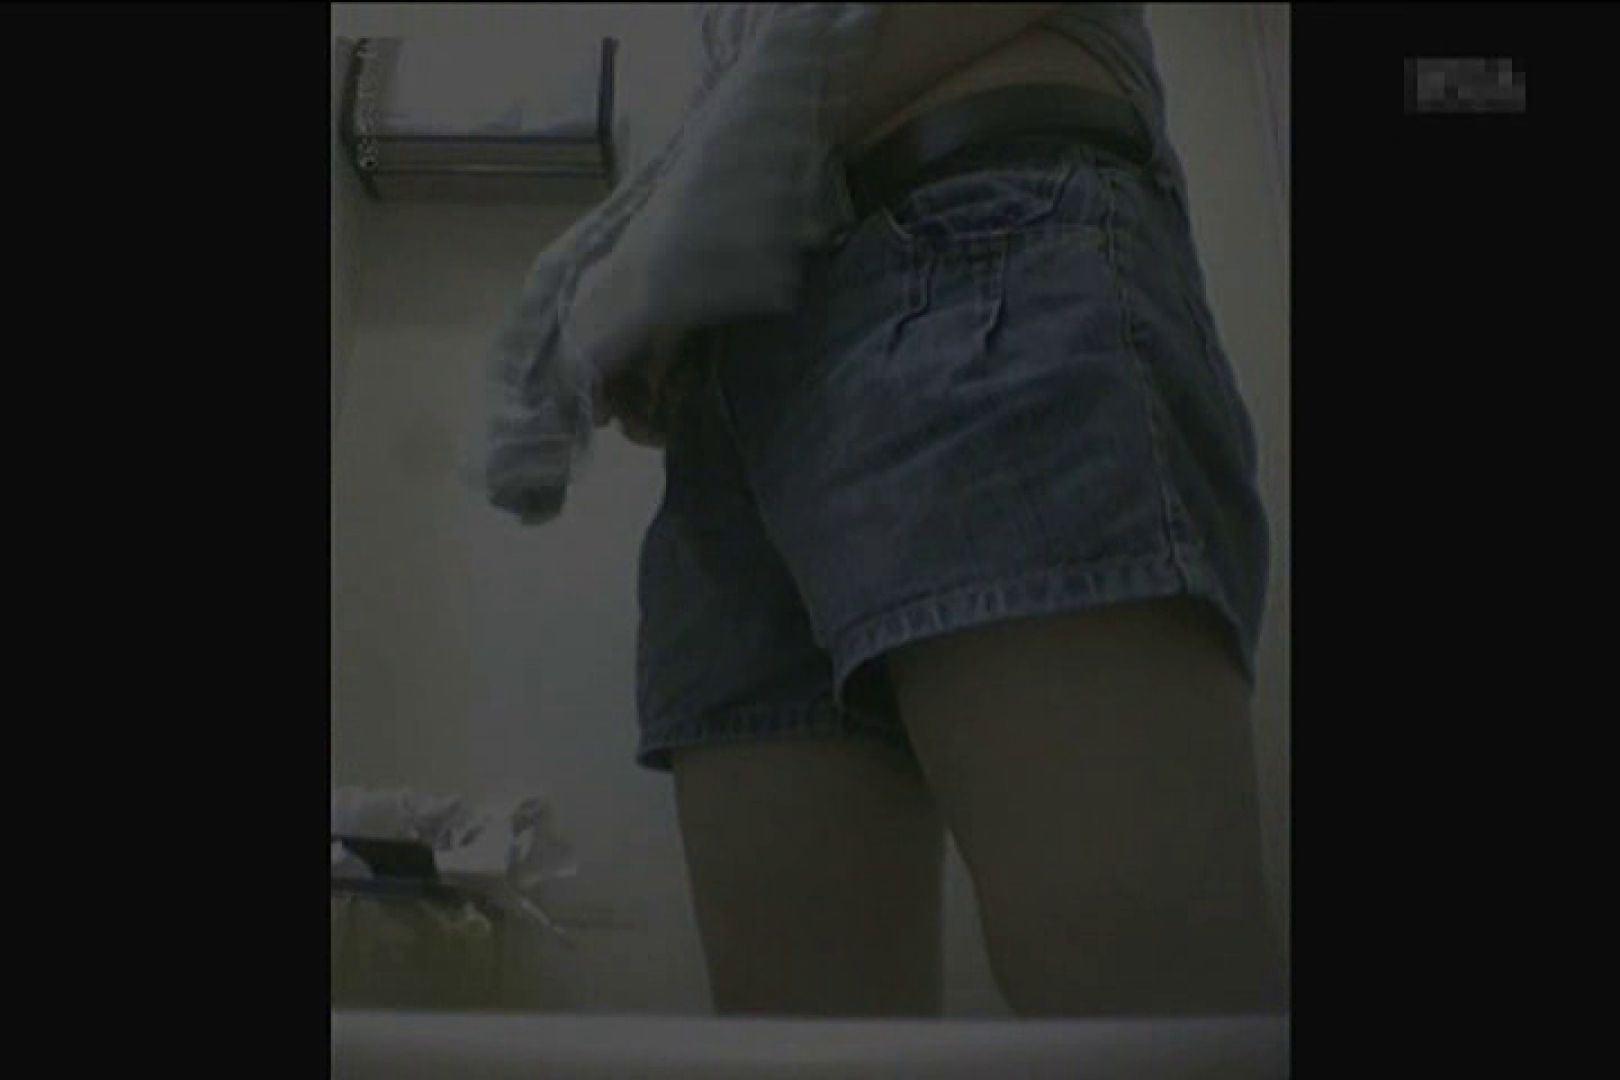 洋式洗面所オムニバスvol.6 おまんこ無修正 | OLの実態  97pic 13